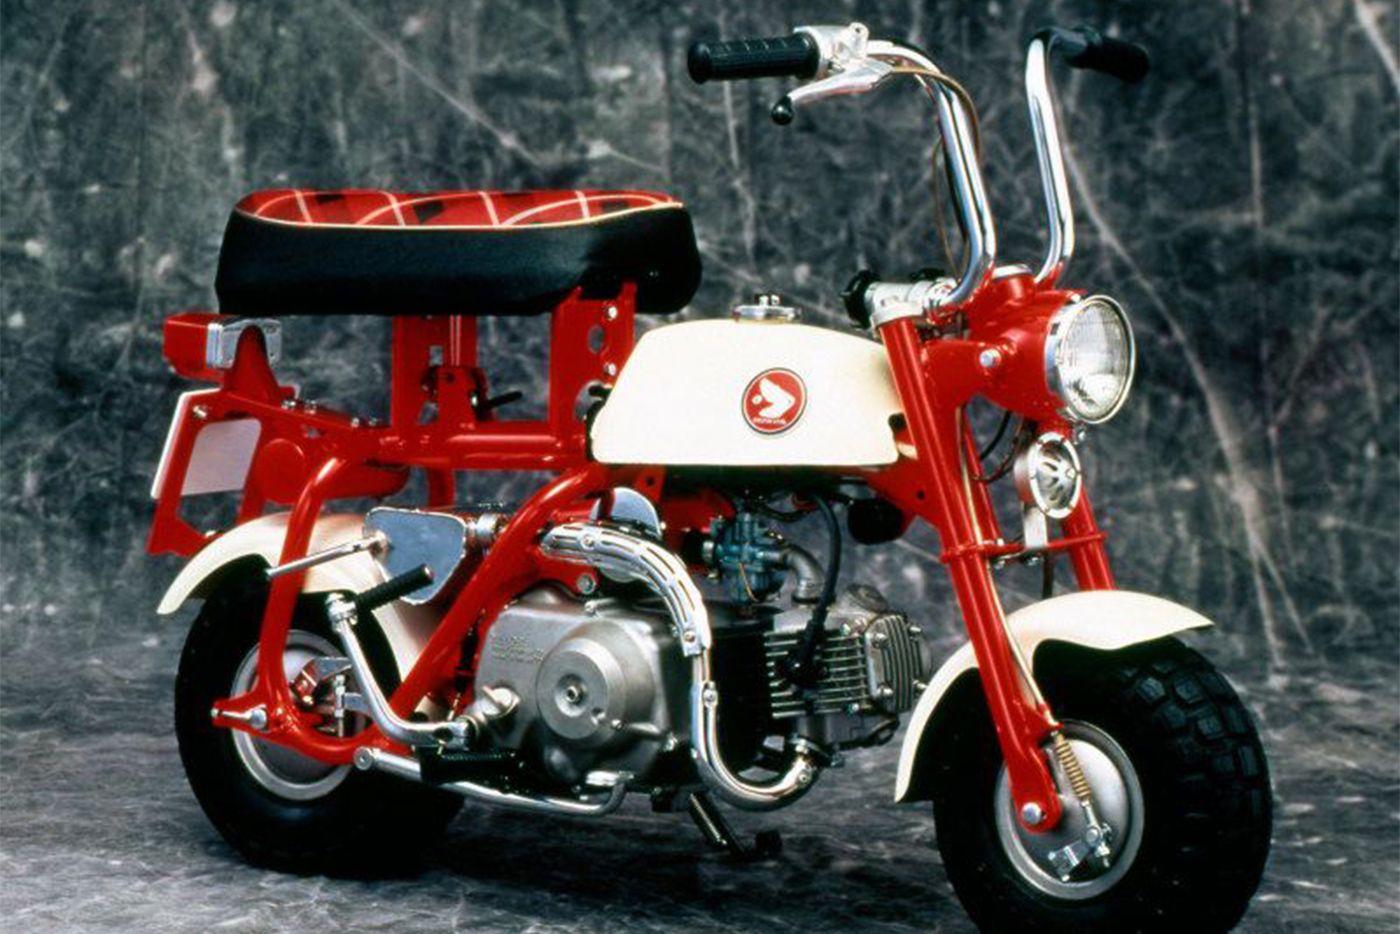 honda-z-50-m-1967.jpg